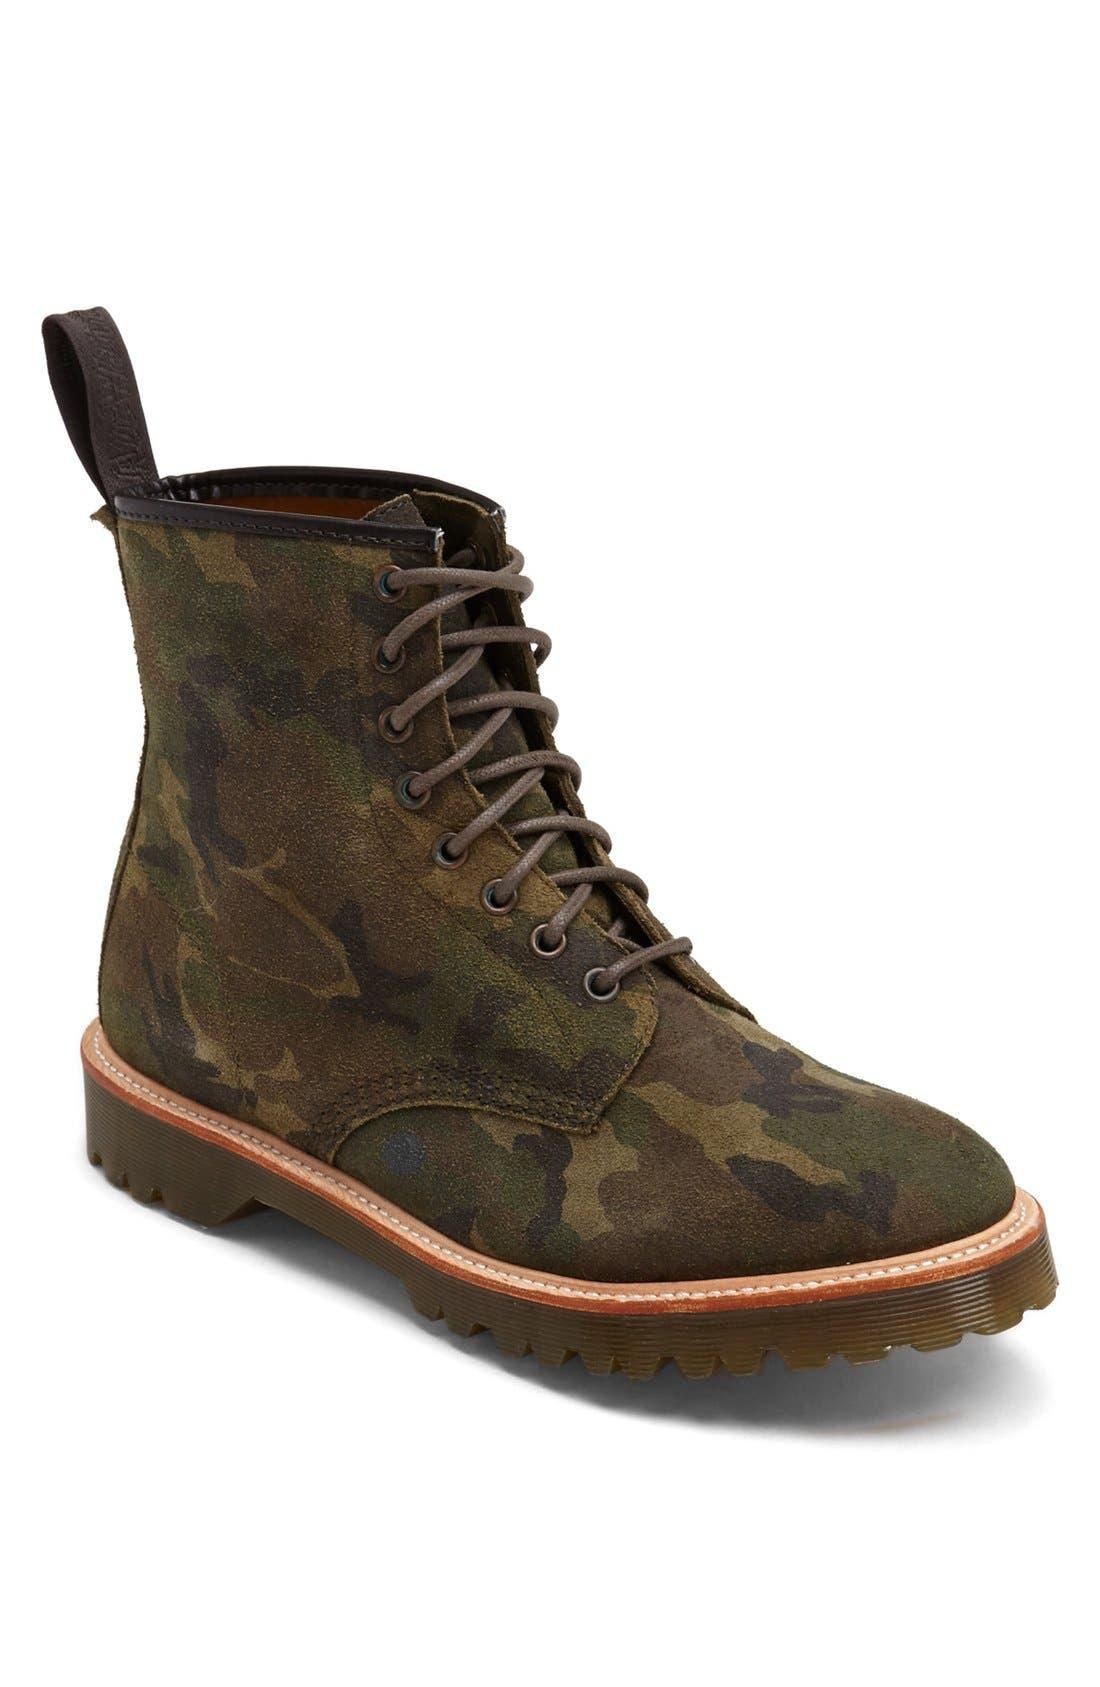 Main Image - Dr. Martens 'Original 1460' Boot